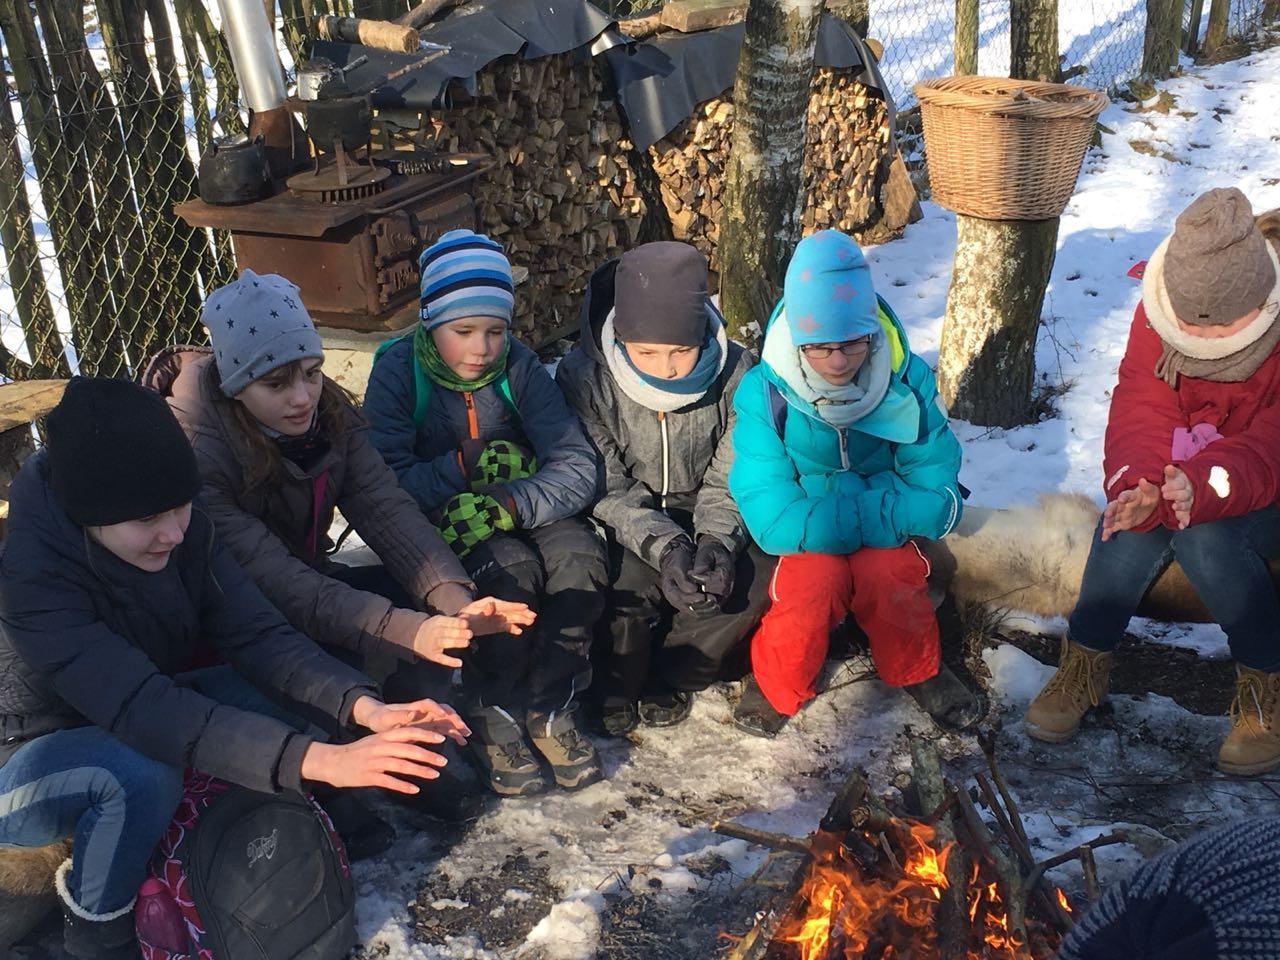 Auch draußen gab es für uns ein wärmendes Lagerfeuer.